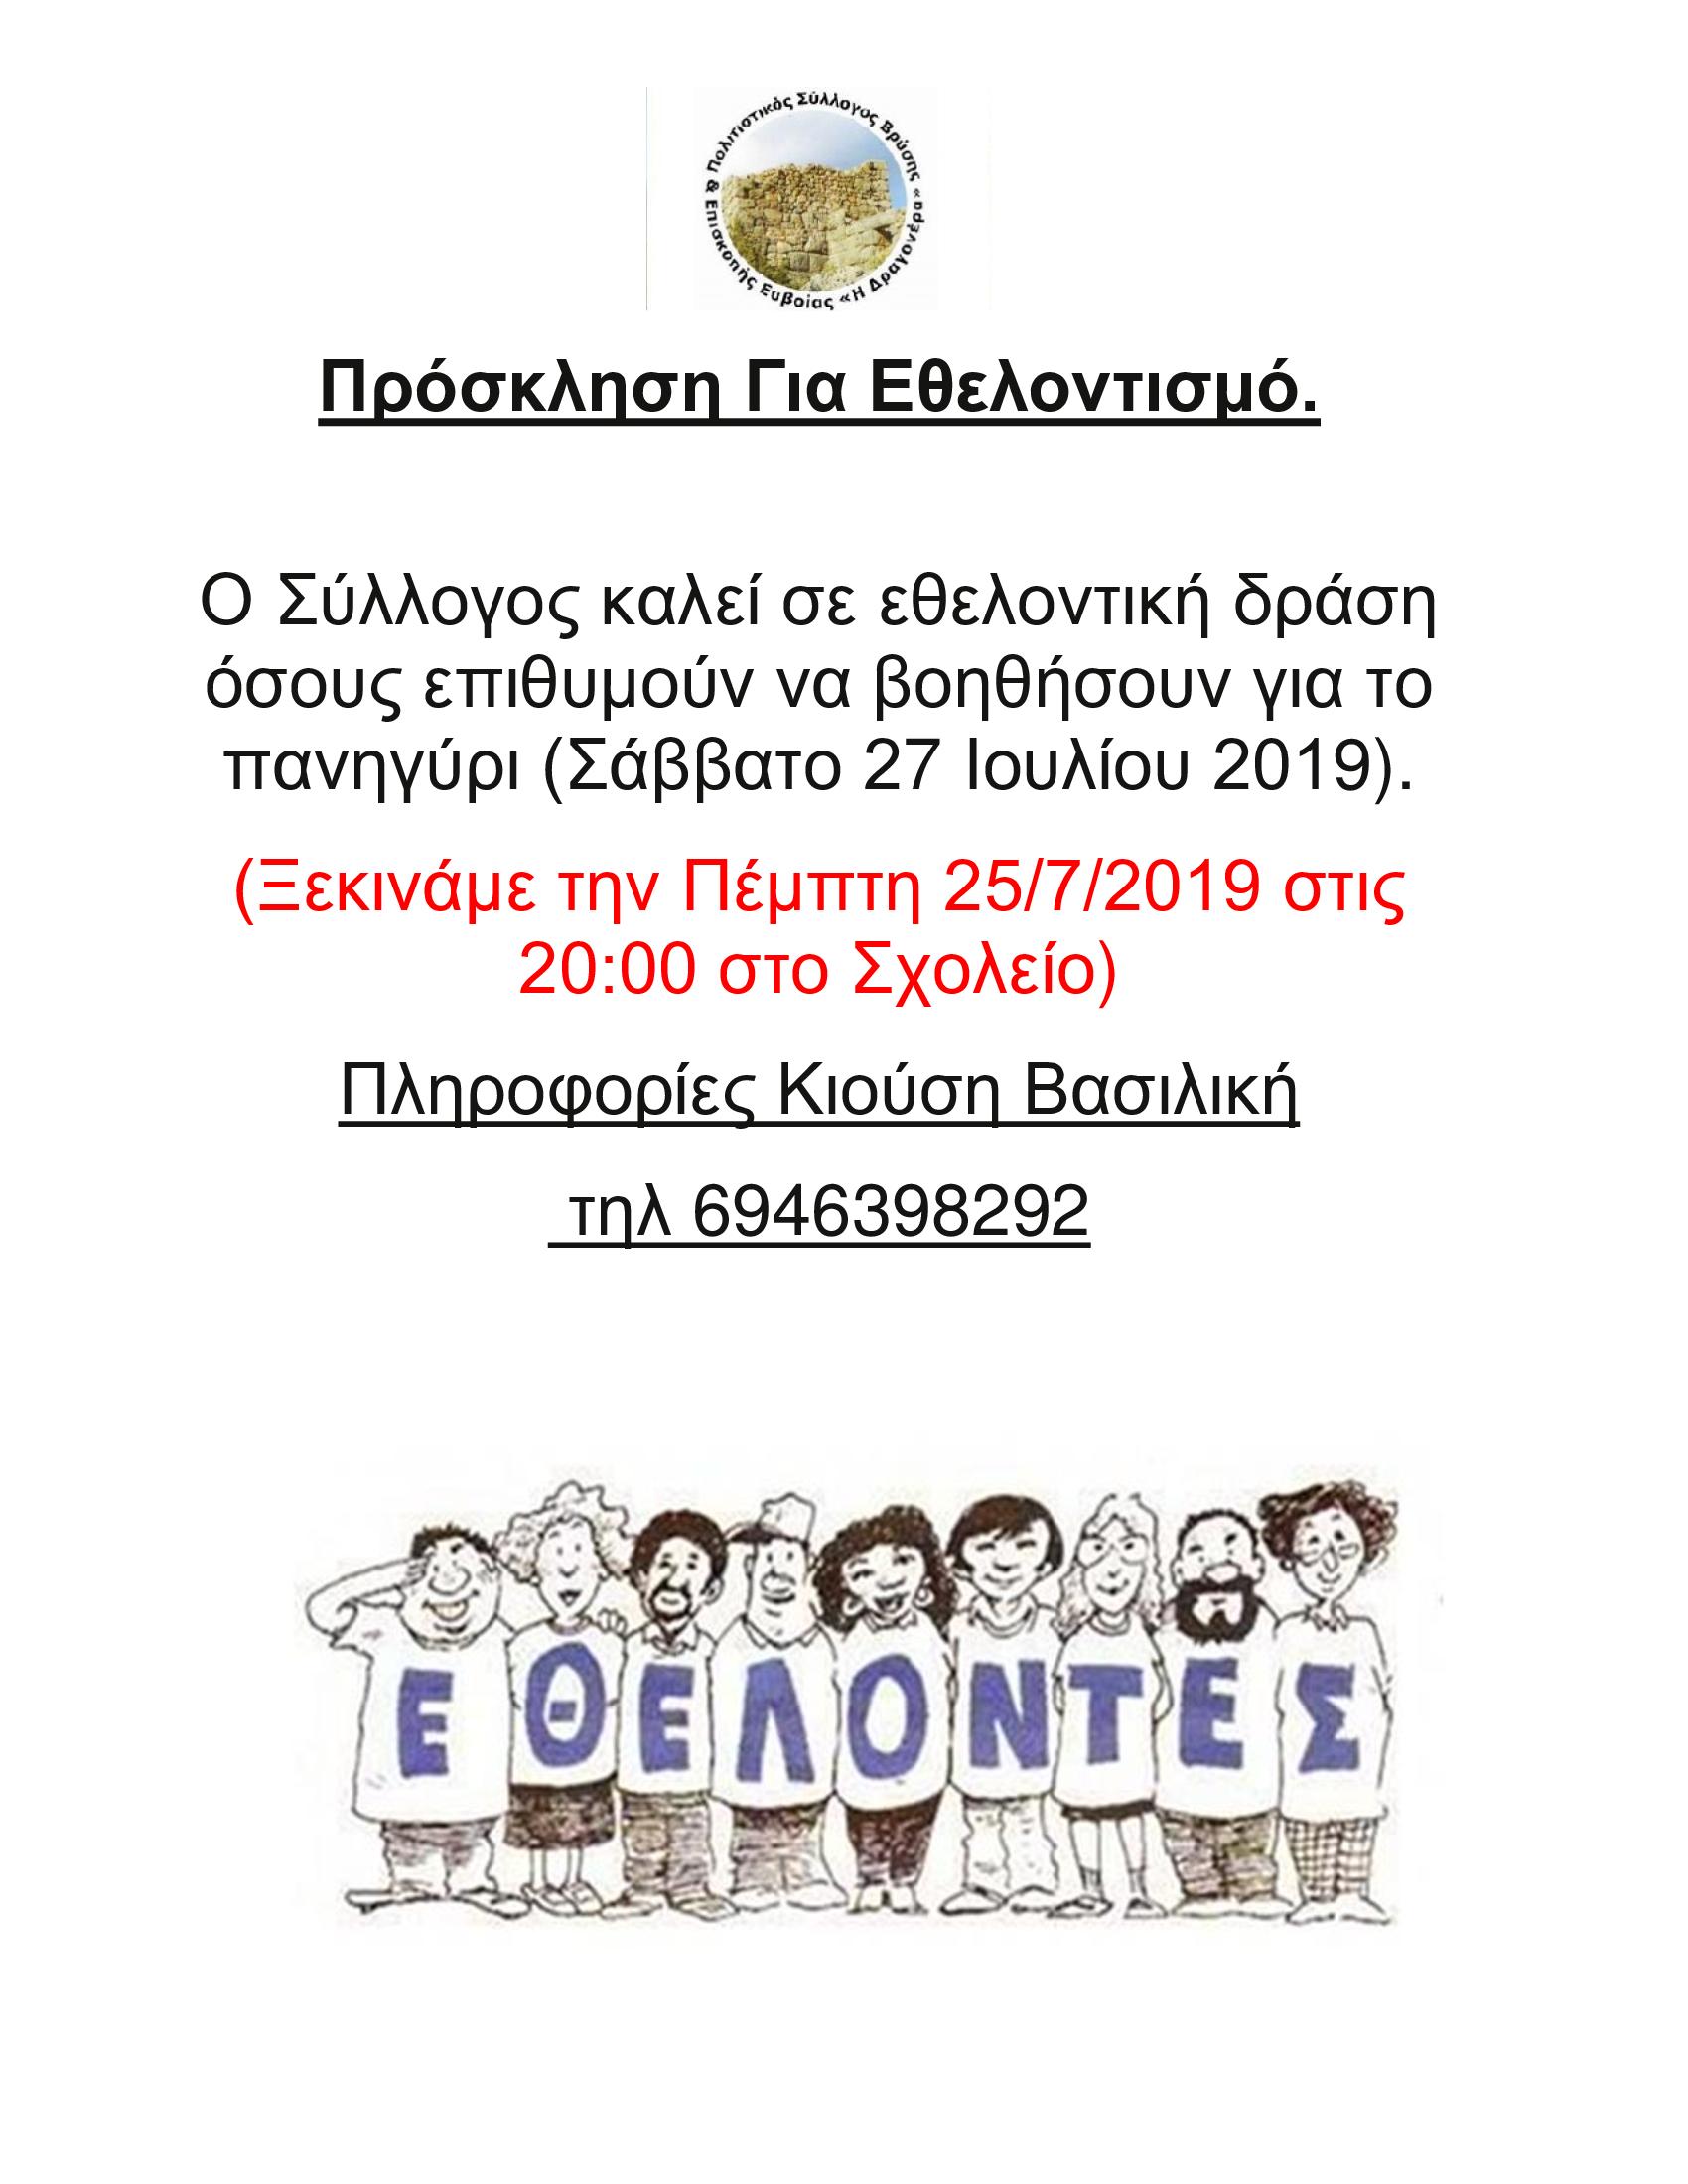 ΑΦΙΣΑ-ΓΙΑ-ΕΘΕΛΟΝΤΙΣΜΟ-ΙΟΥΛ-2019